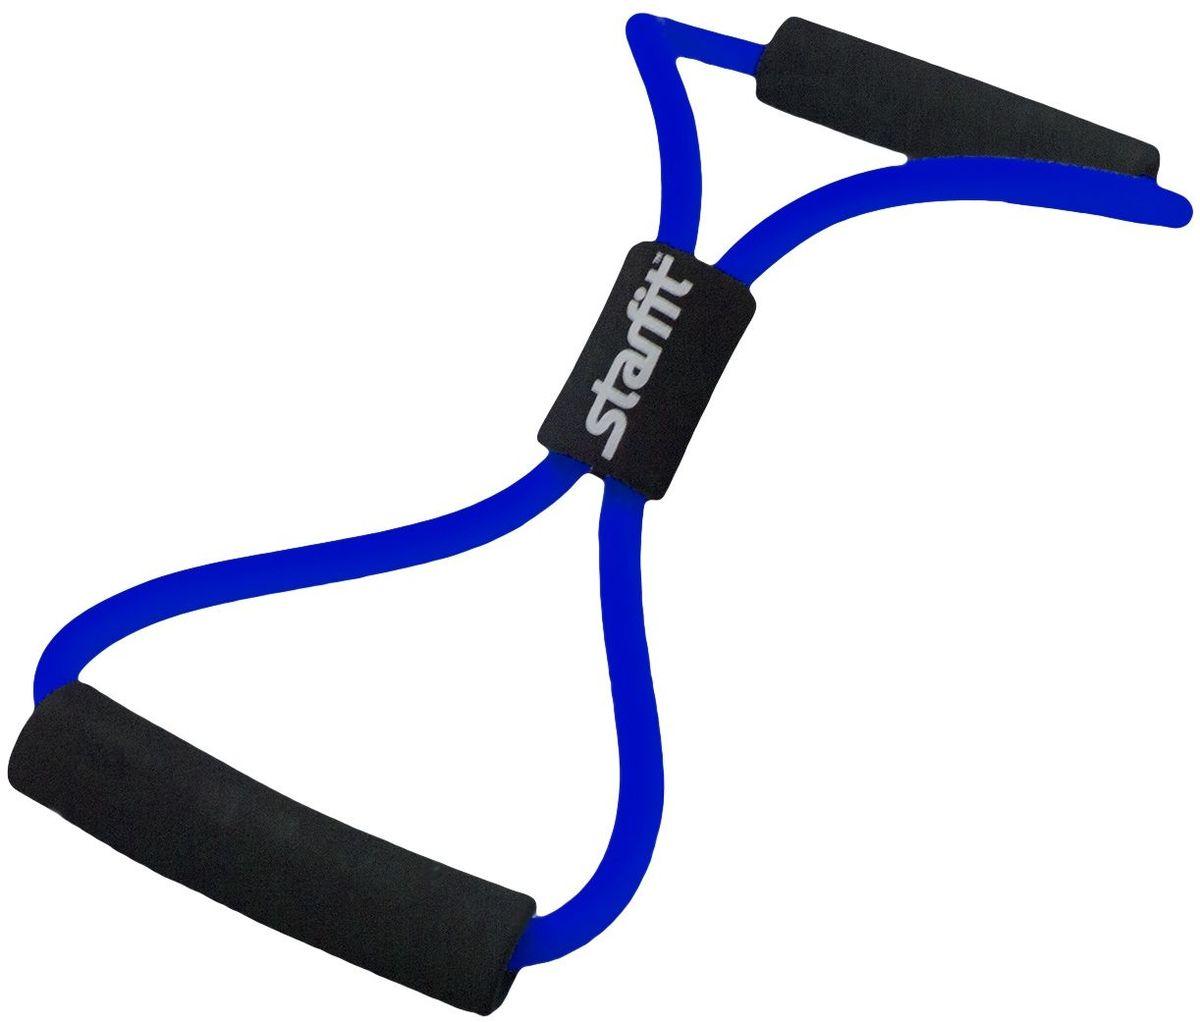 Эспандер многофункциональный Starfit ES-603, цвет: синий, 0,8 х 1,2 х 100 смУТ-00009844Многофункциональный эспандер Star Fit ES-603 - отличная нагрузка для всех групп мышц. Стоит только подобрать необходимое упражнение, и этот эспандер будет идеальным отягощением.Изделие оснащено удобными рукоятками и выполнено из высококачественных материалов. Спортсмены и любители обязательно используют такой эспандер в своих тренировках.